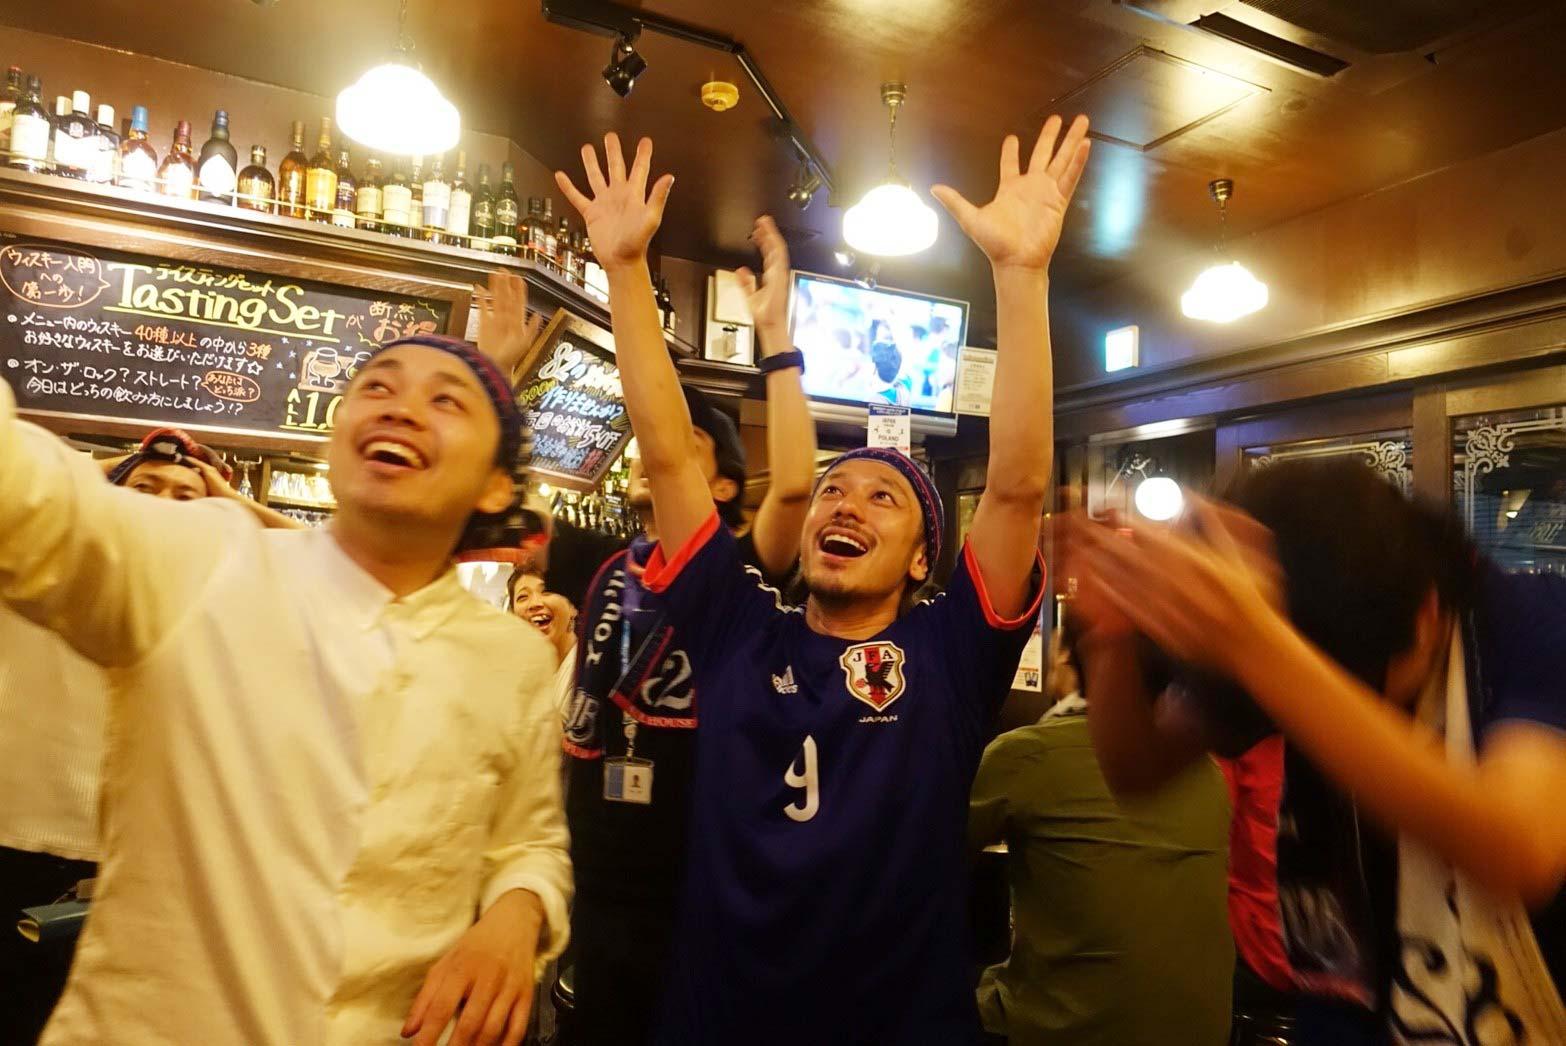 歓喜の夜は続く!!セネガルに引き分けで見えた決勝トーナメント!!